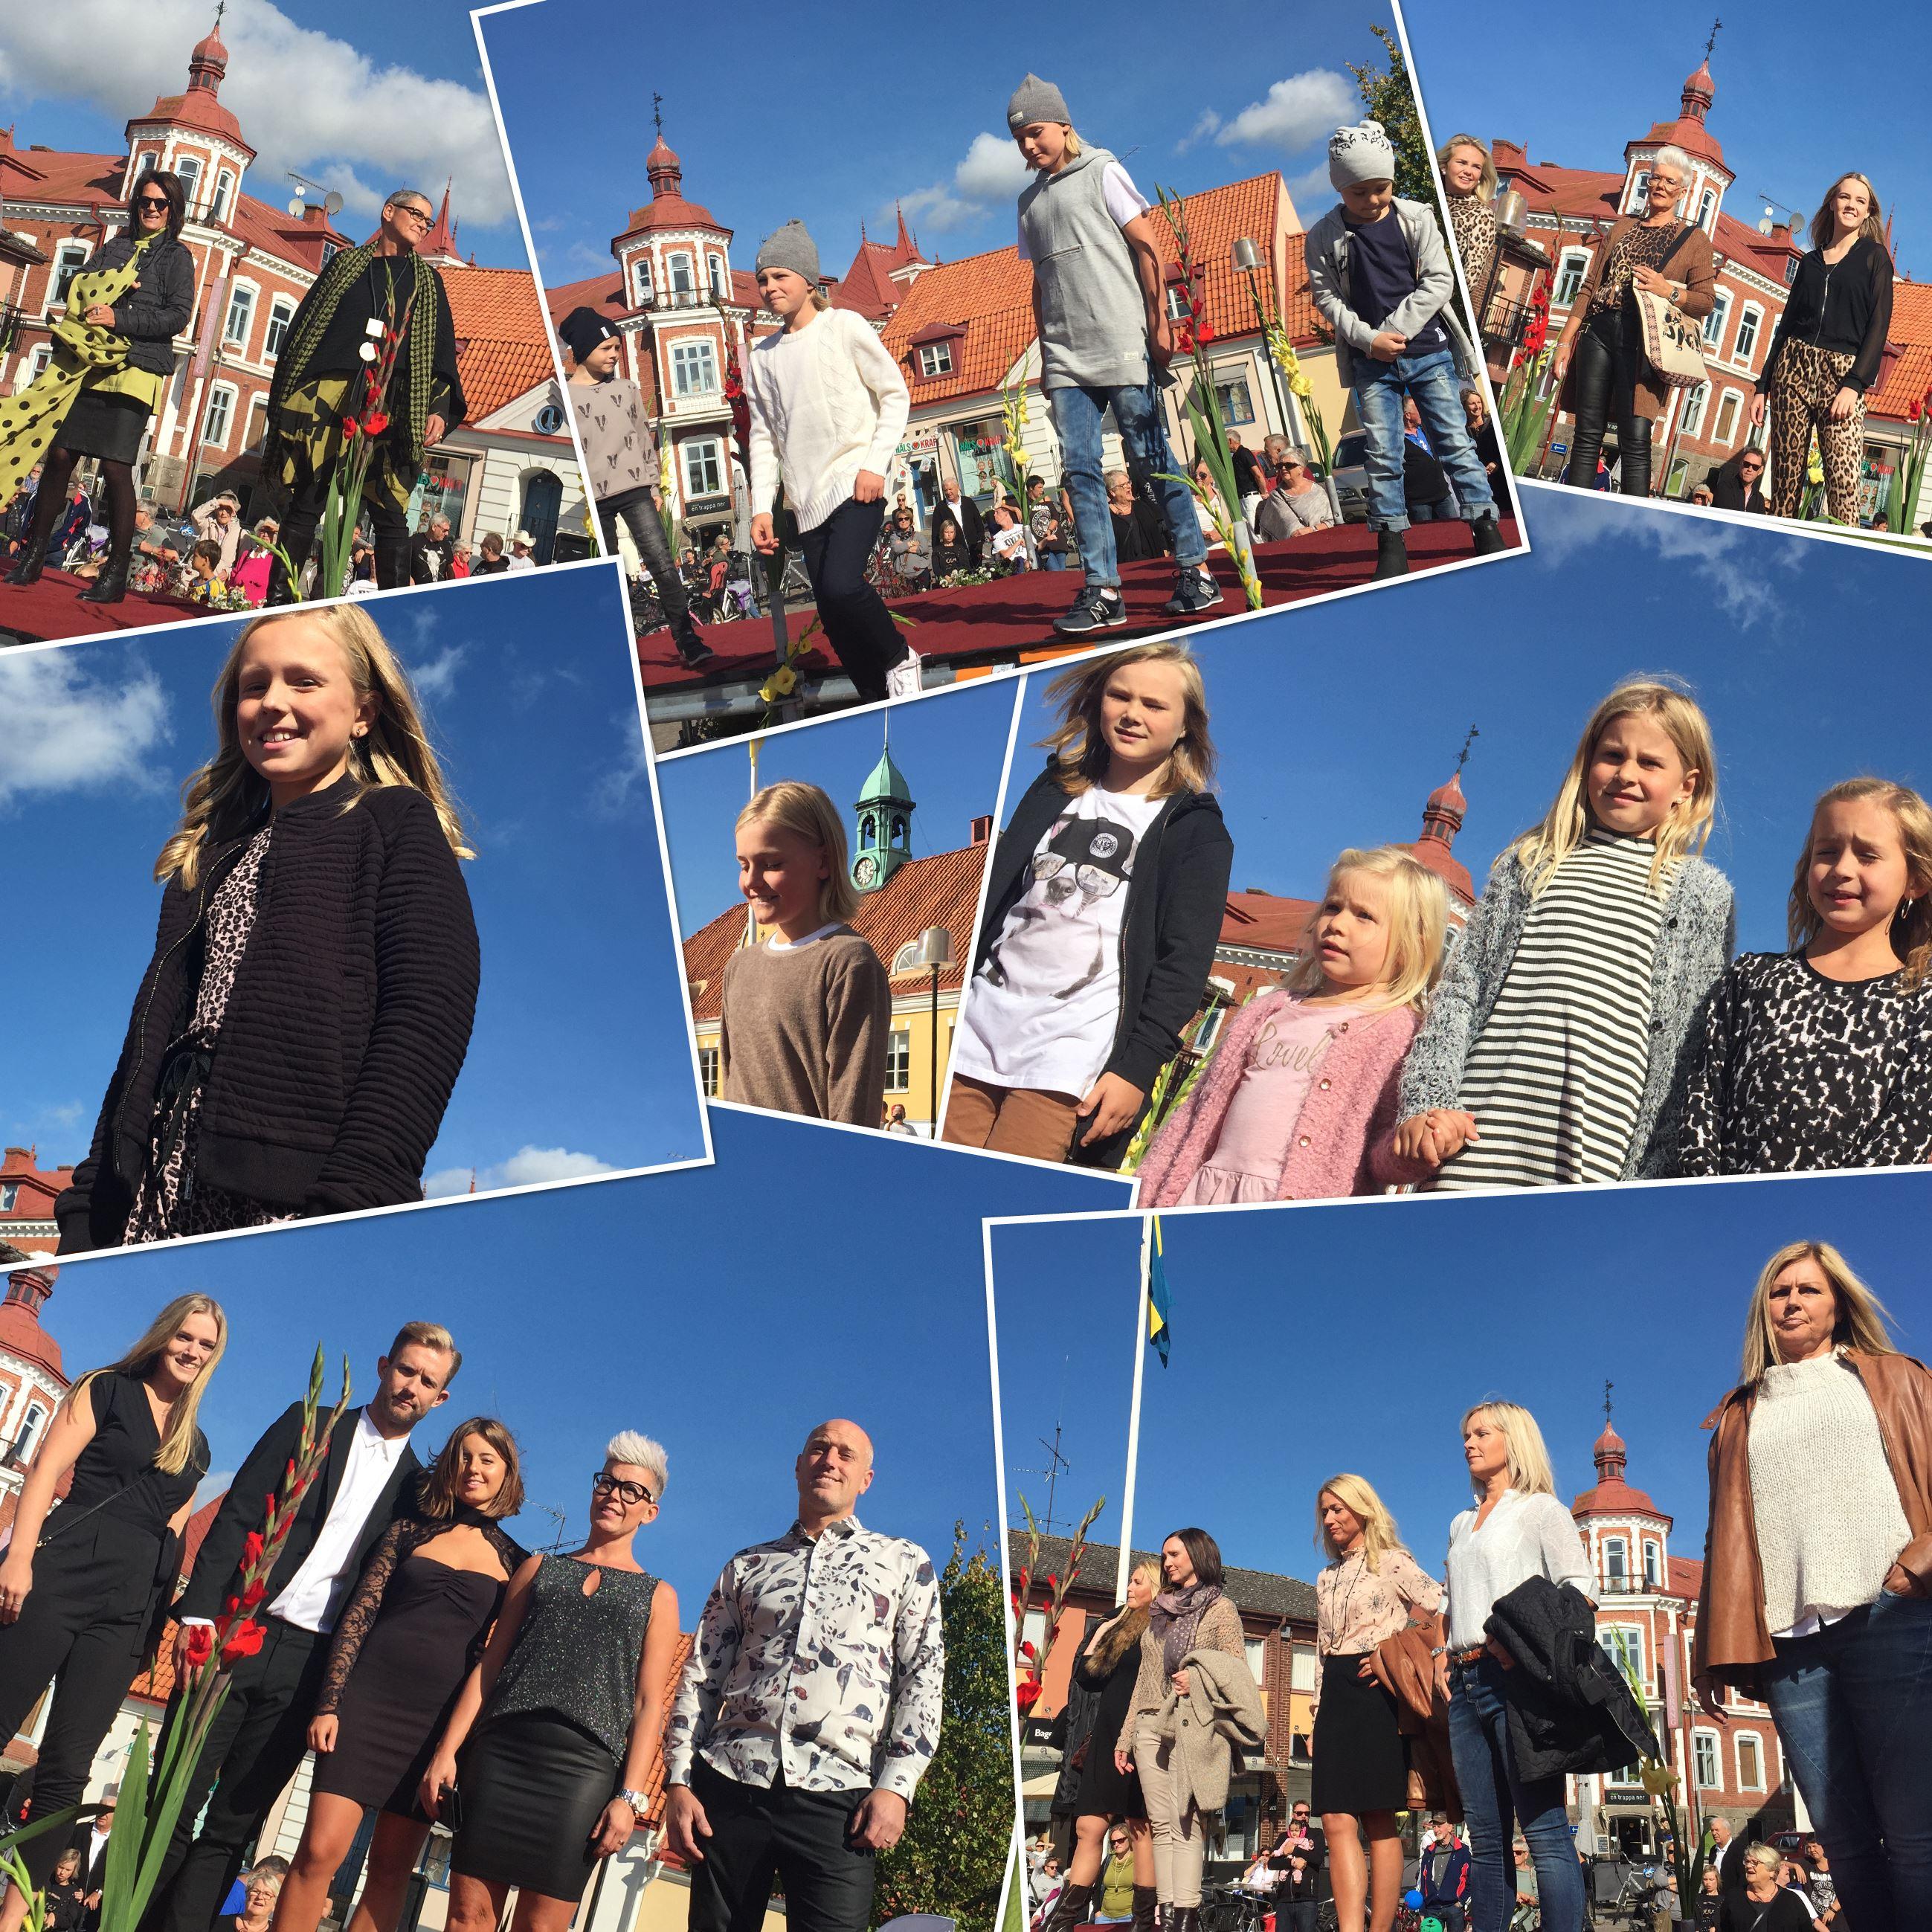 Handelsföreningens modevisning på Stortorget